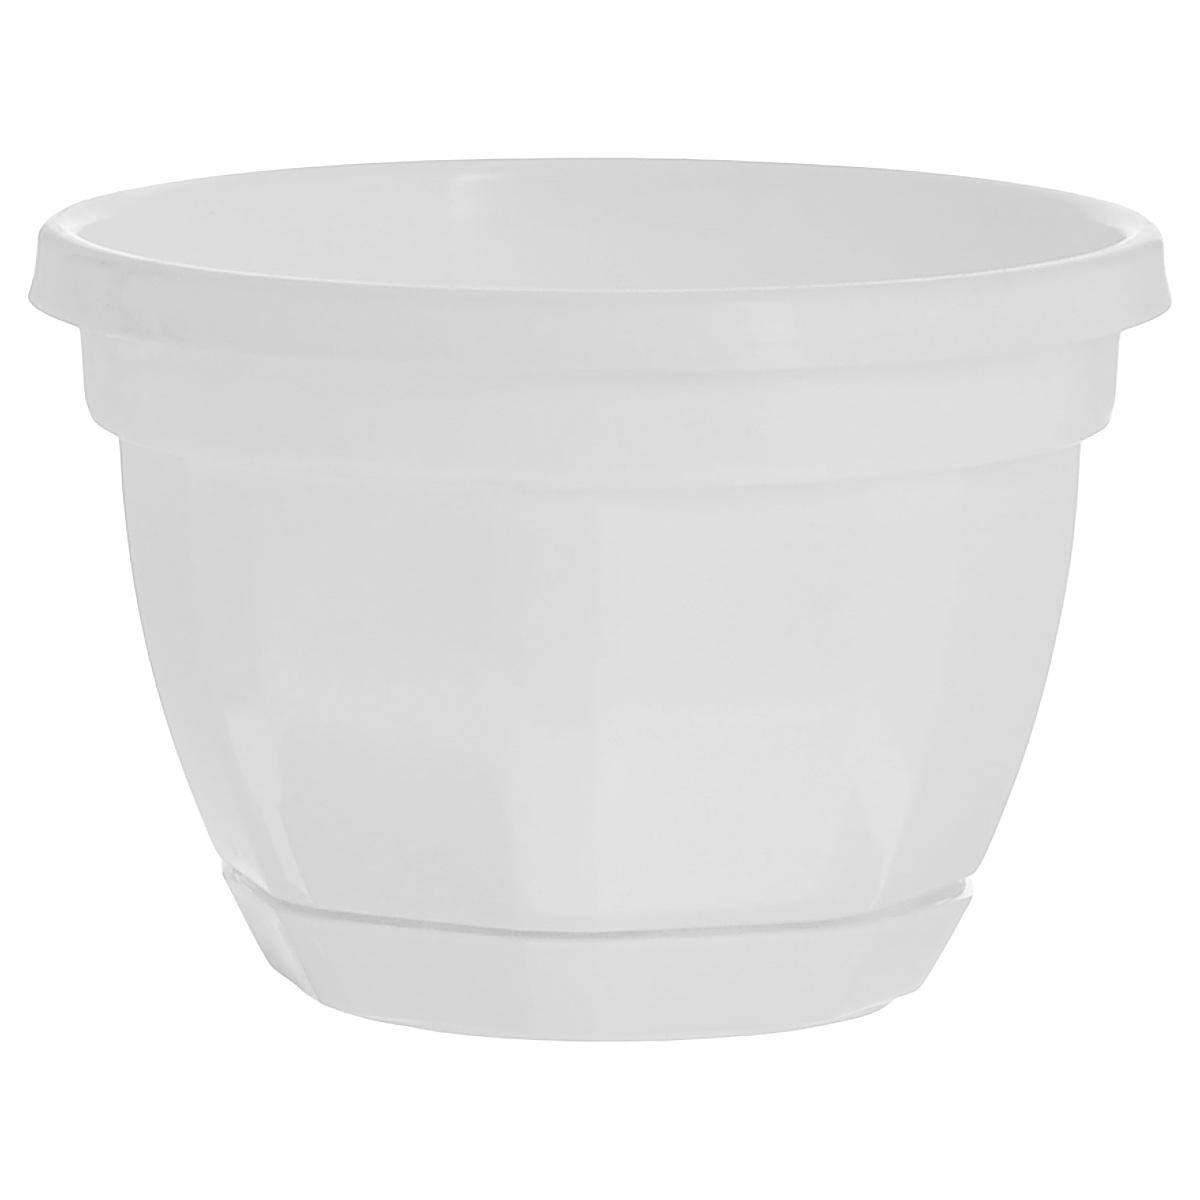 Кашпо Инстар Ника, с поддоном, цвет: белый, диаметр 20 смст020белКашпо Инстар Ника изготовлено из прочного пластика и предназначено для выращивания растений, цветов и трав в домашних условиях. Специальный поддон собирает воду. Такое кашпо порадует вас дизайном и функциональностью, а также прекрасно подойдет под любой интерьер.